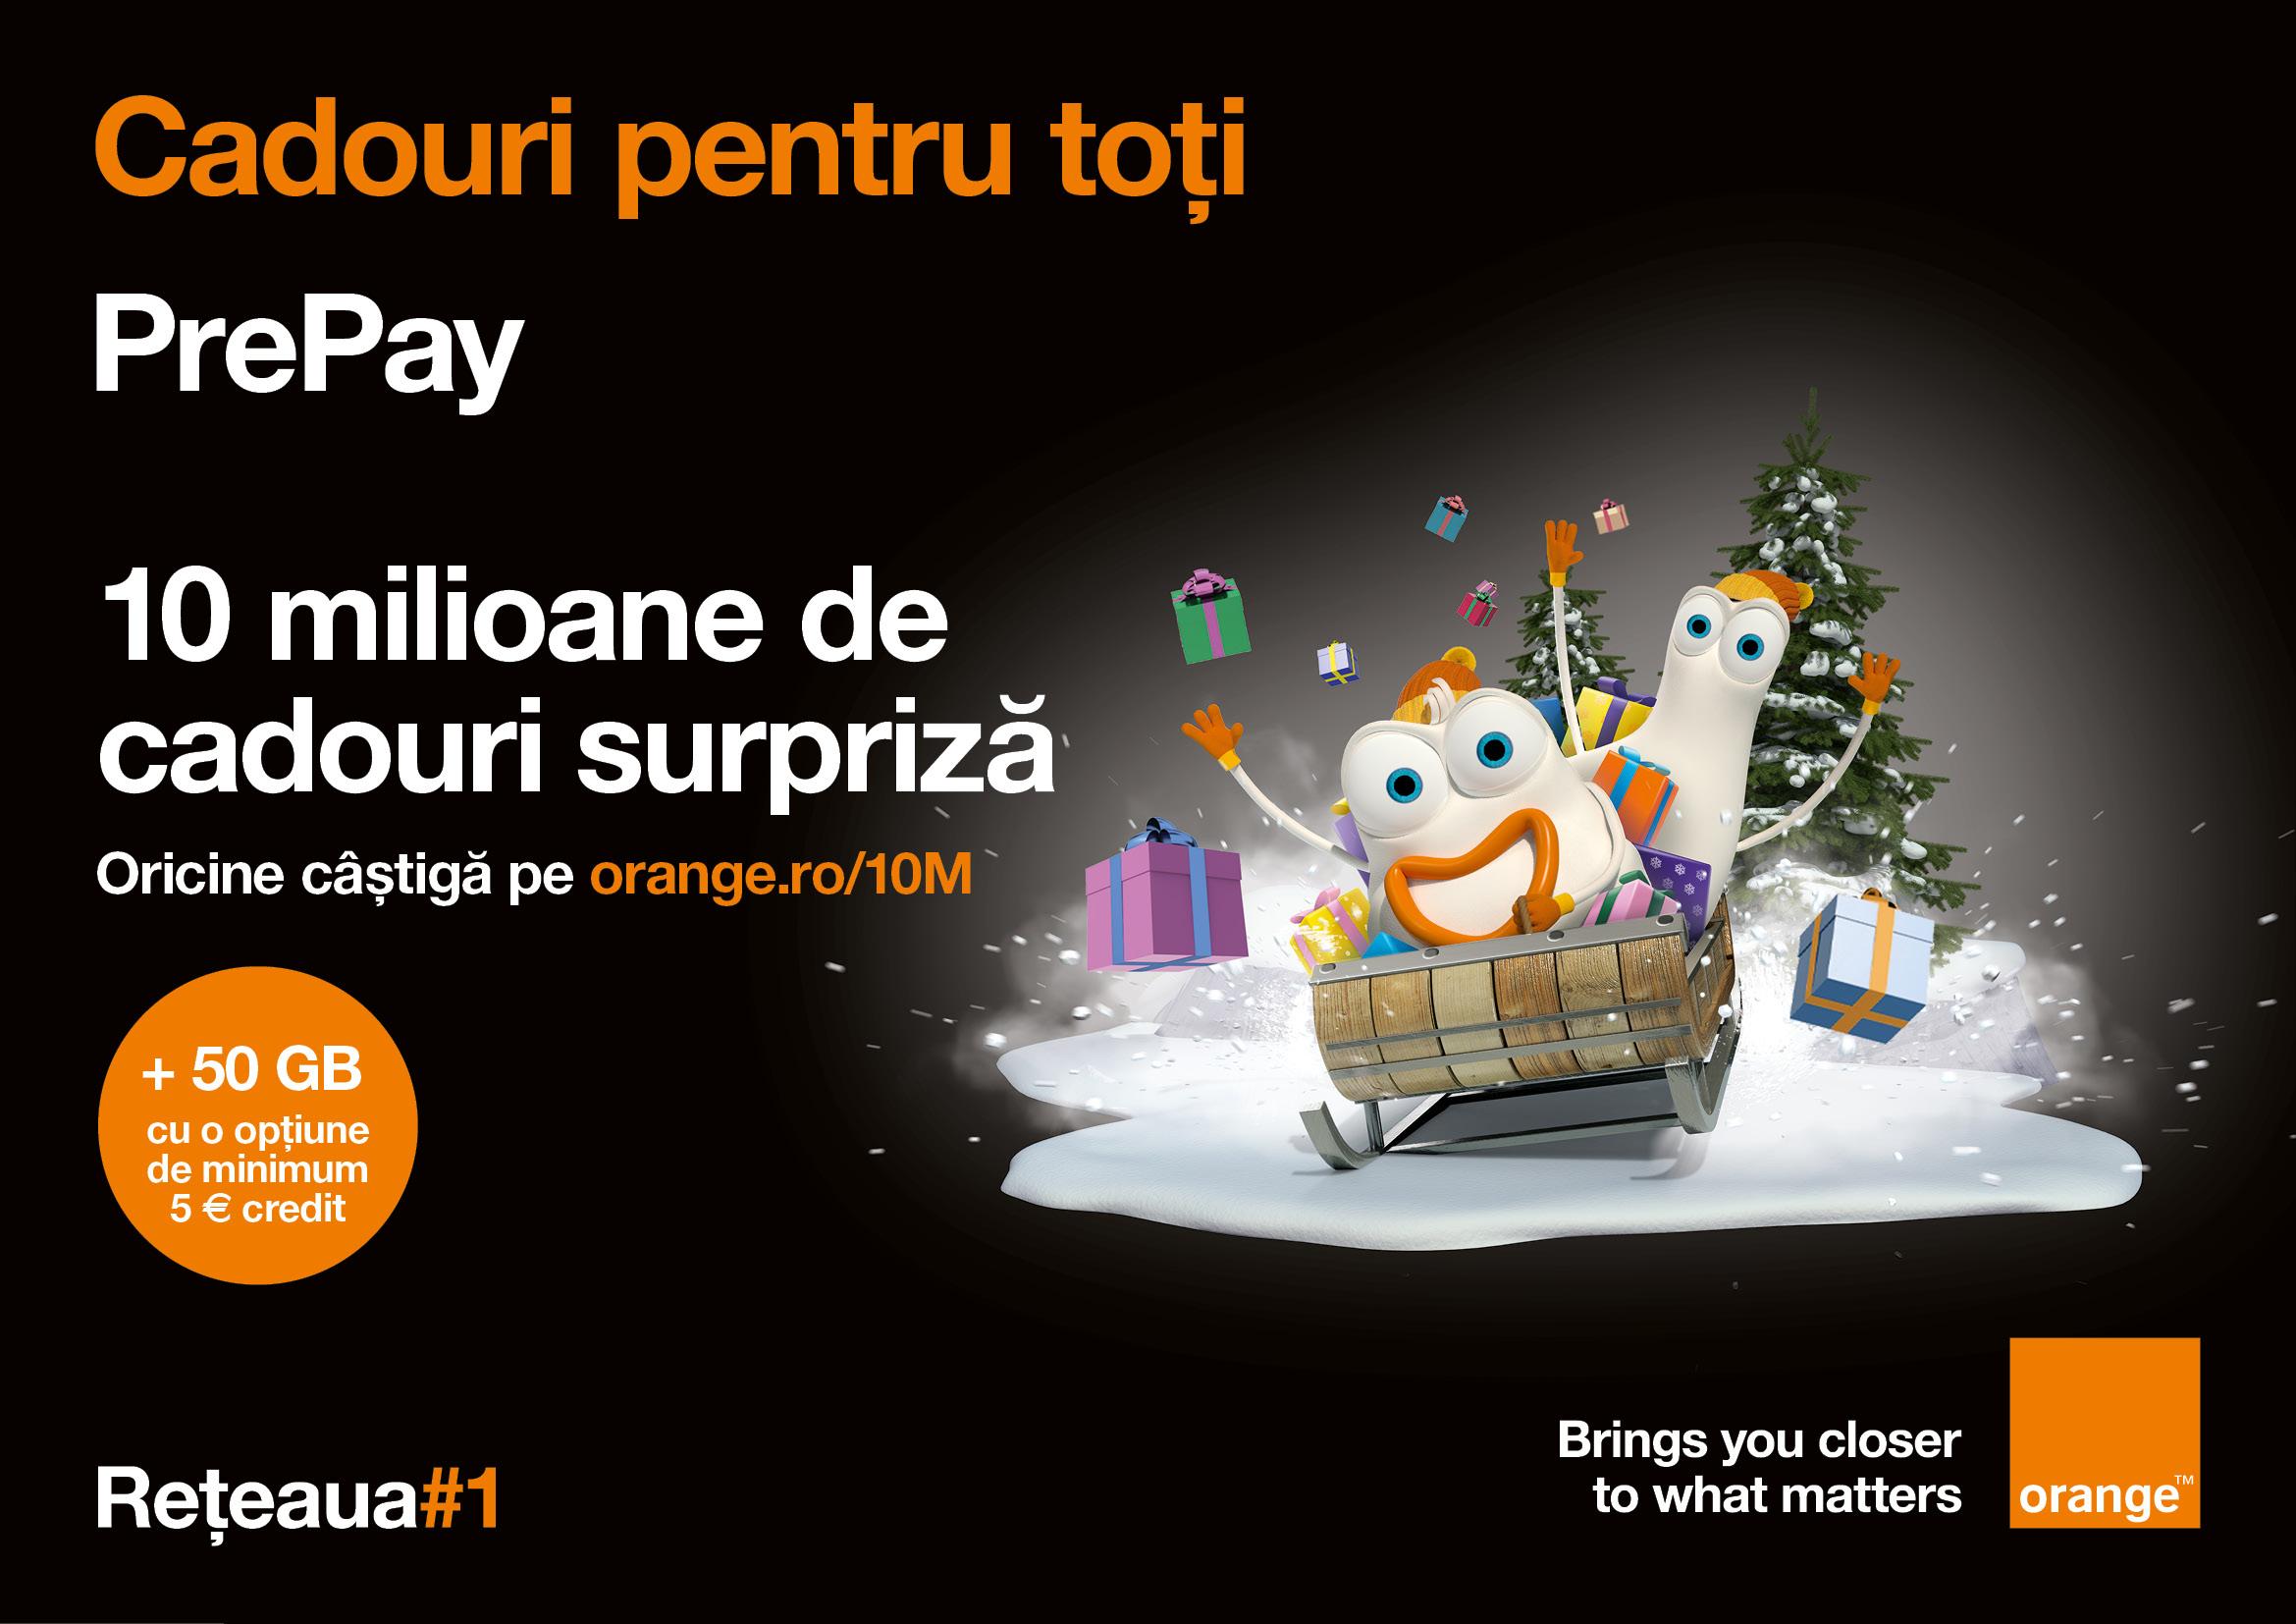 10 milioane de cadouri surpriză pentru toţi